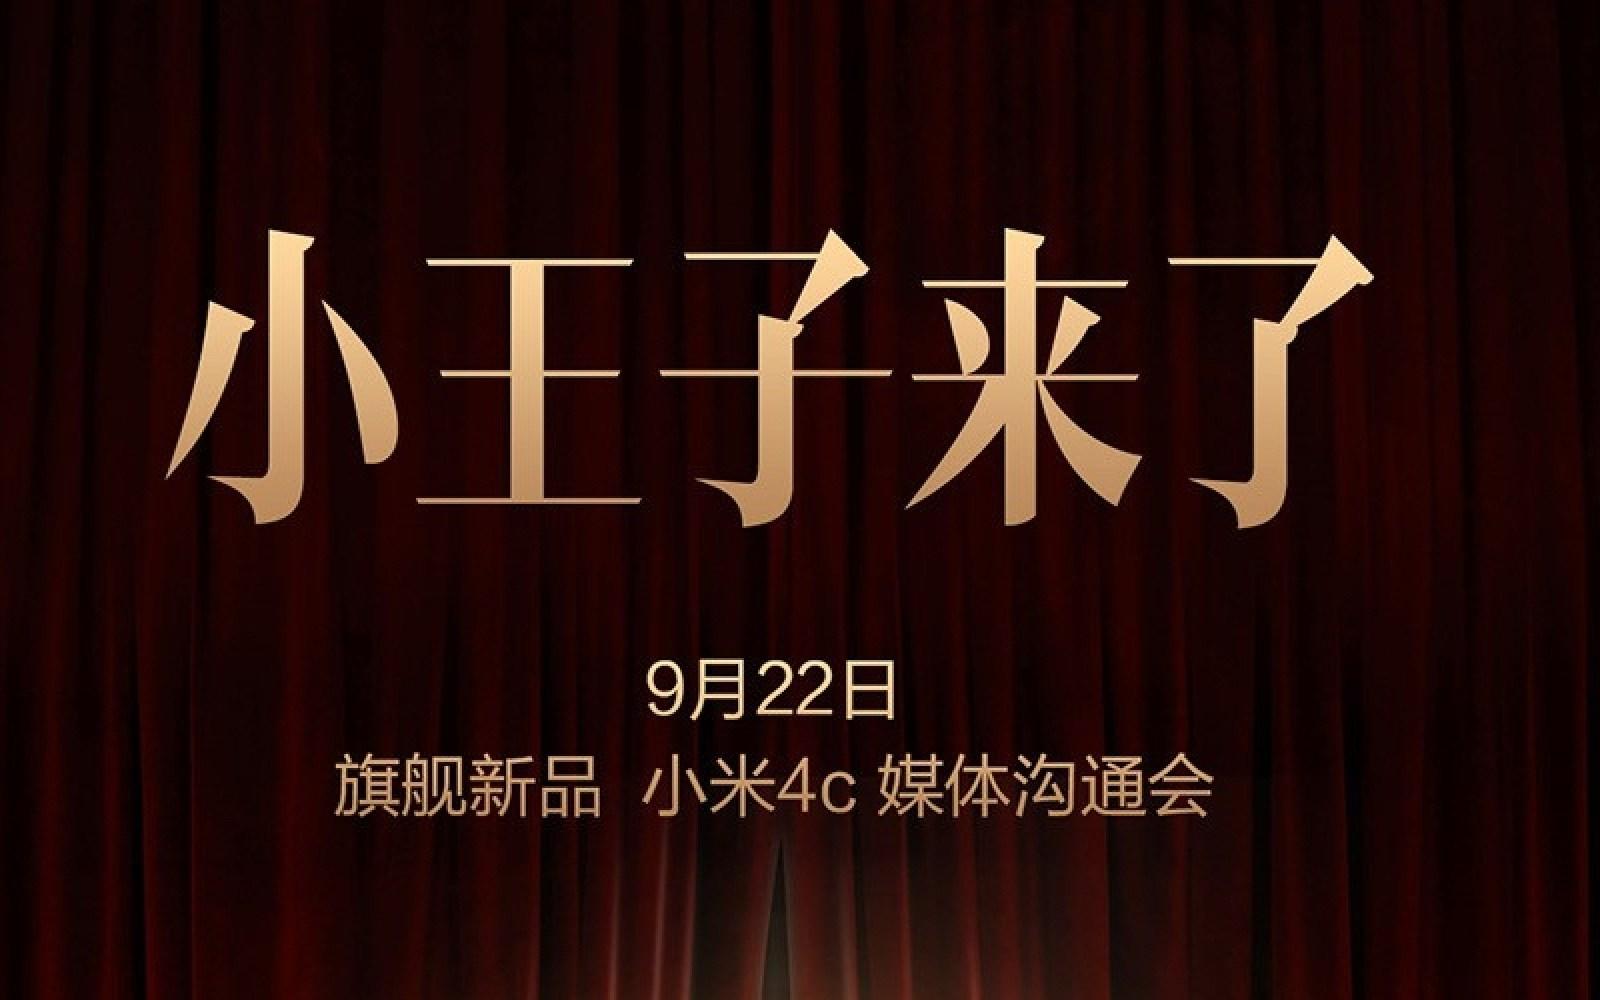 Xiaomi to unveil 'new flagship' Mi 4c on September 22